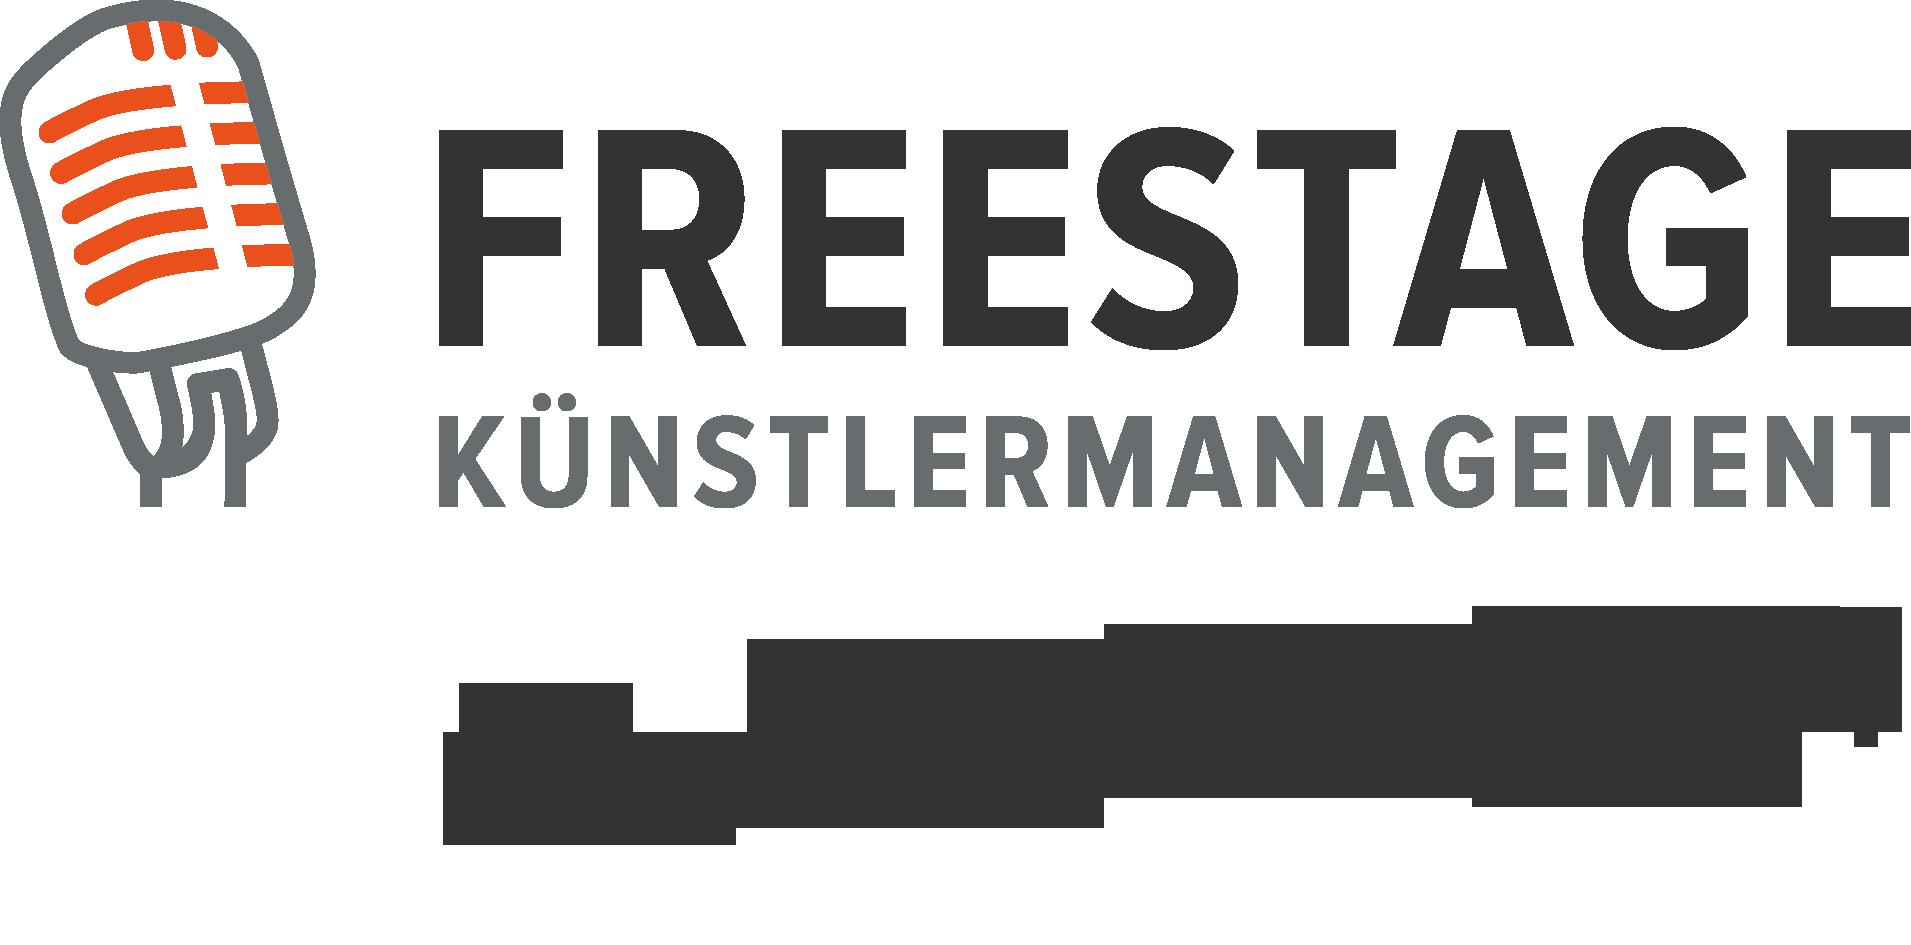 Freestage Künstlermanagement GmbH